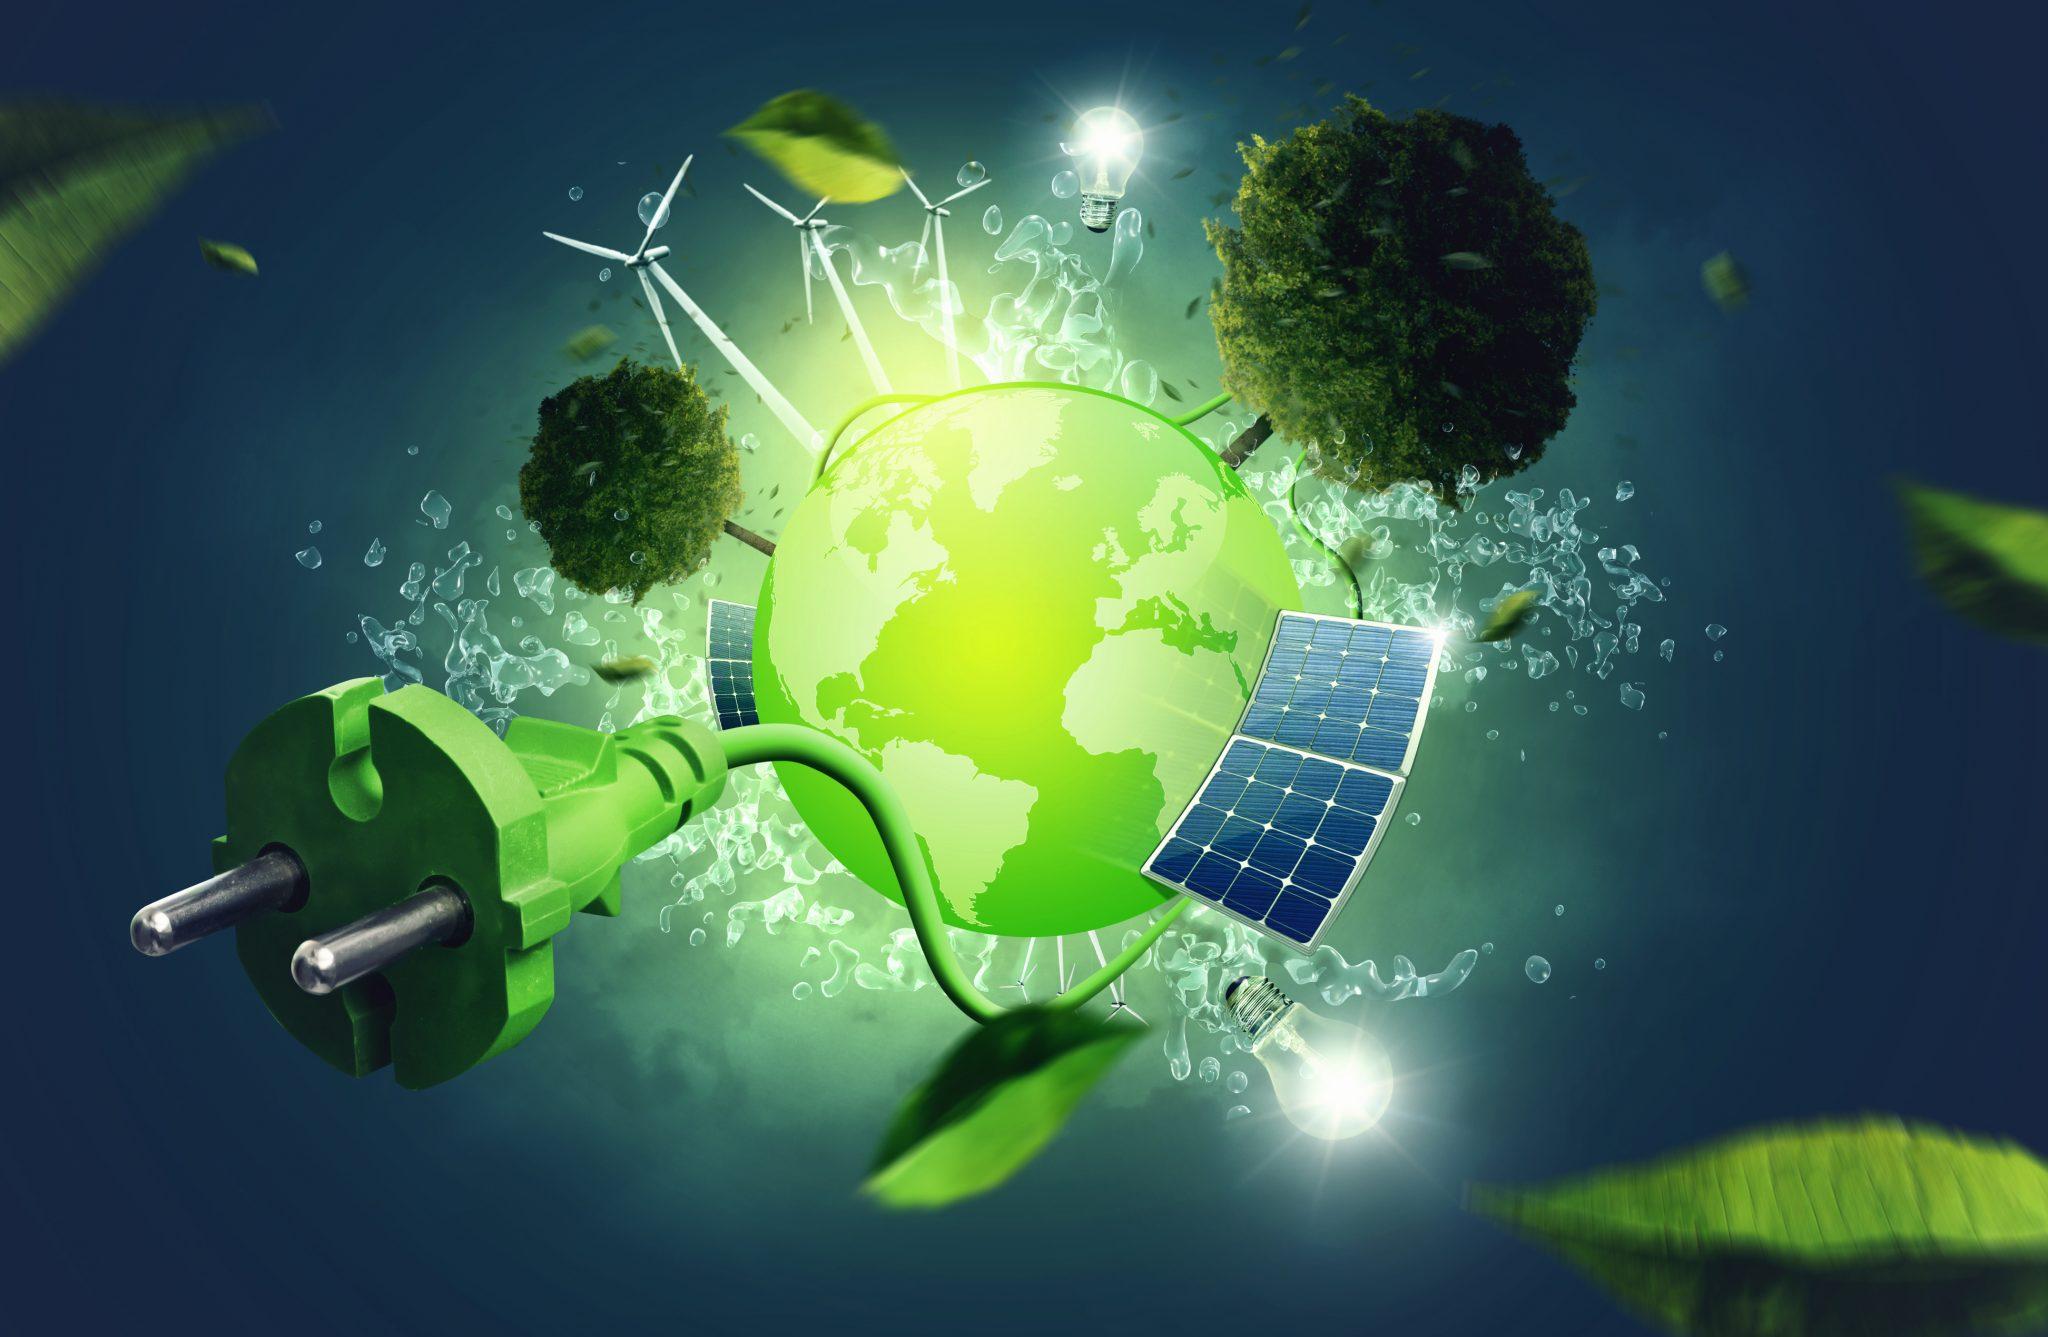 Gouvernance de l'union de l'énergie : un équilibre fragile